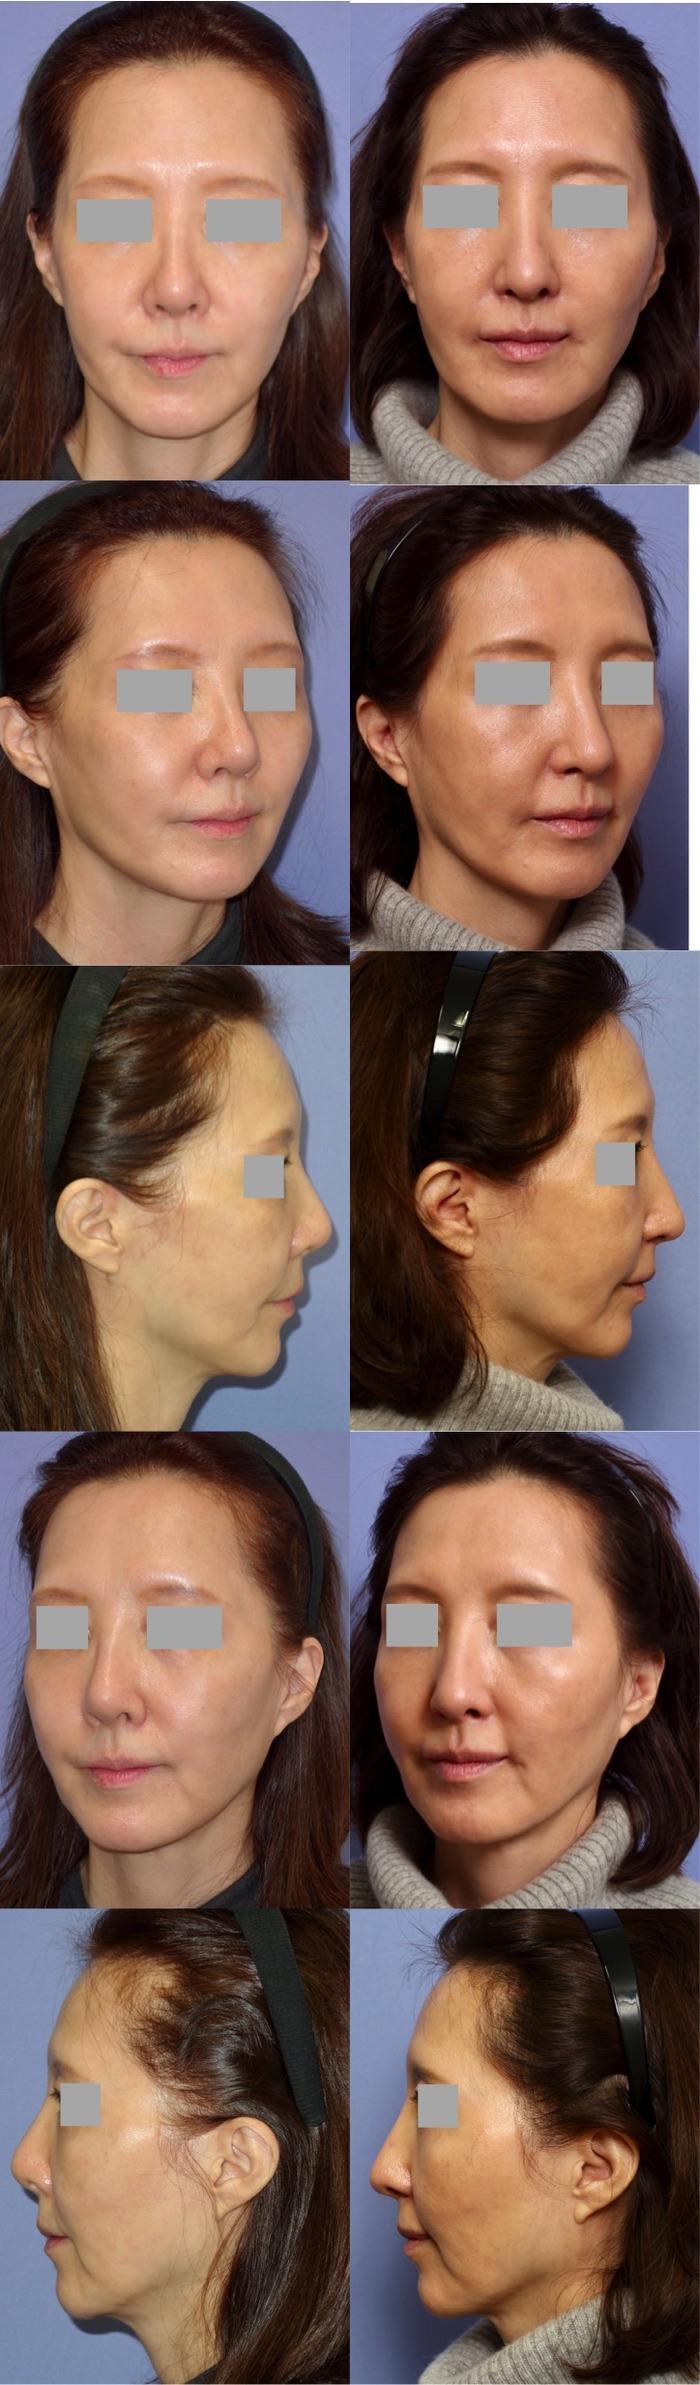 鼻中隔延長術 隆鼻術 鼻翼挙上術 口角挙上術 術後2ヶ月